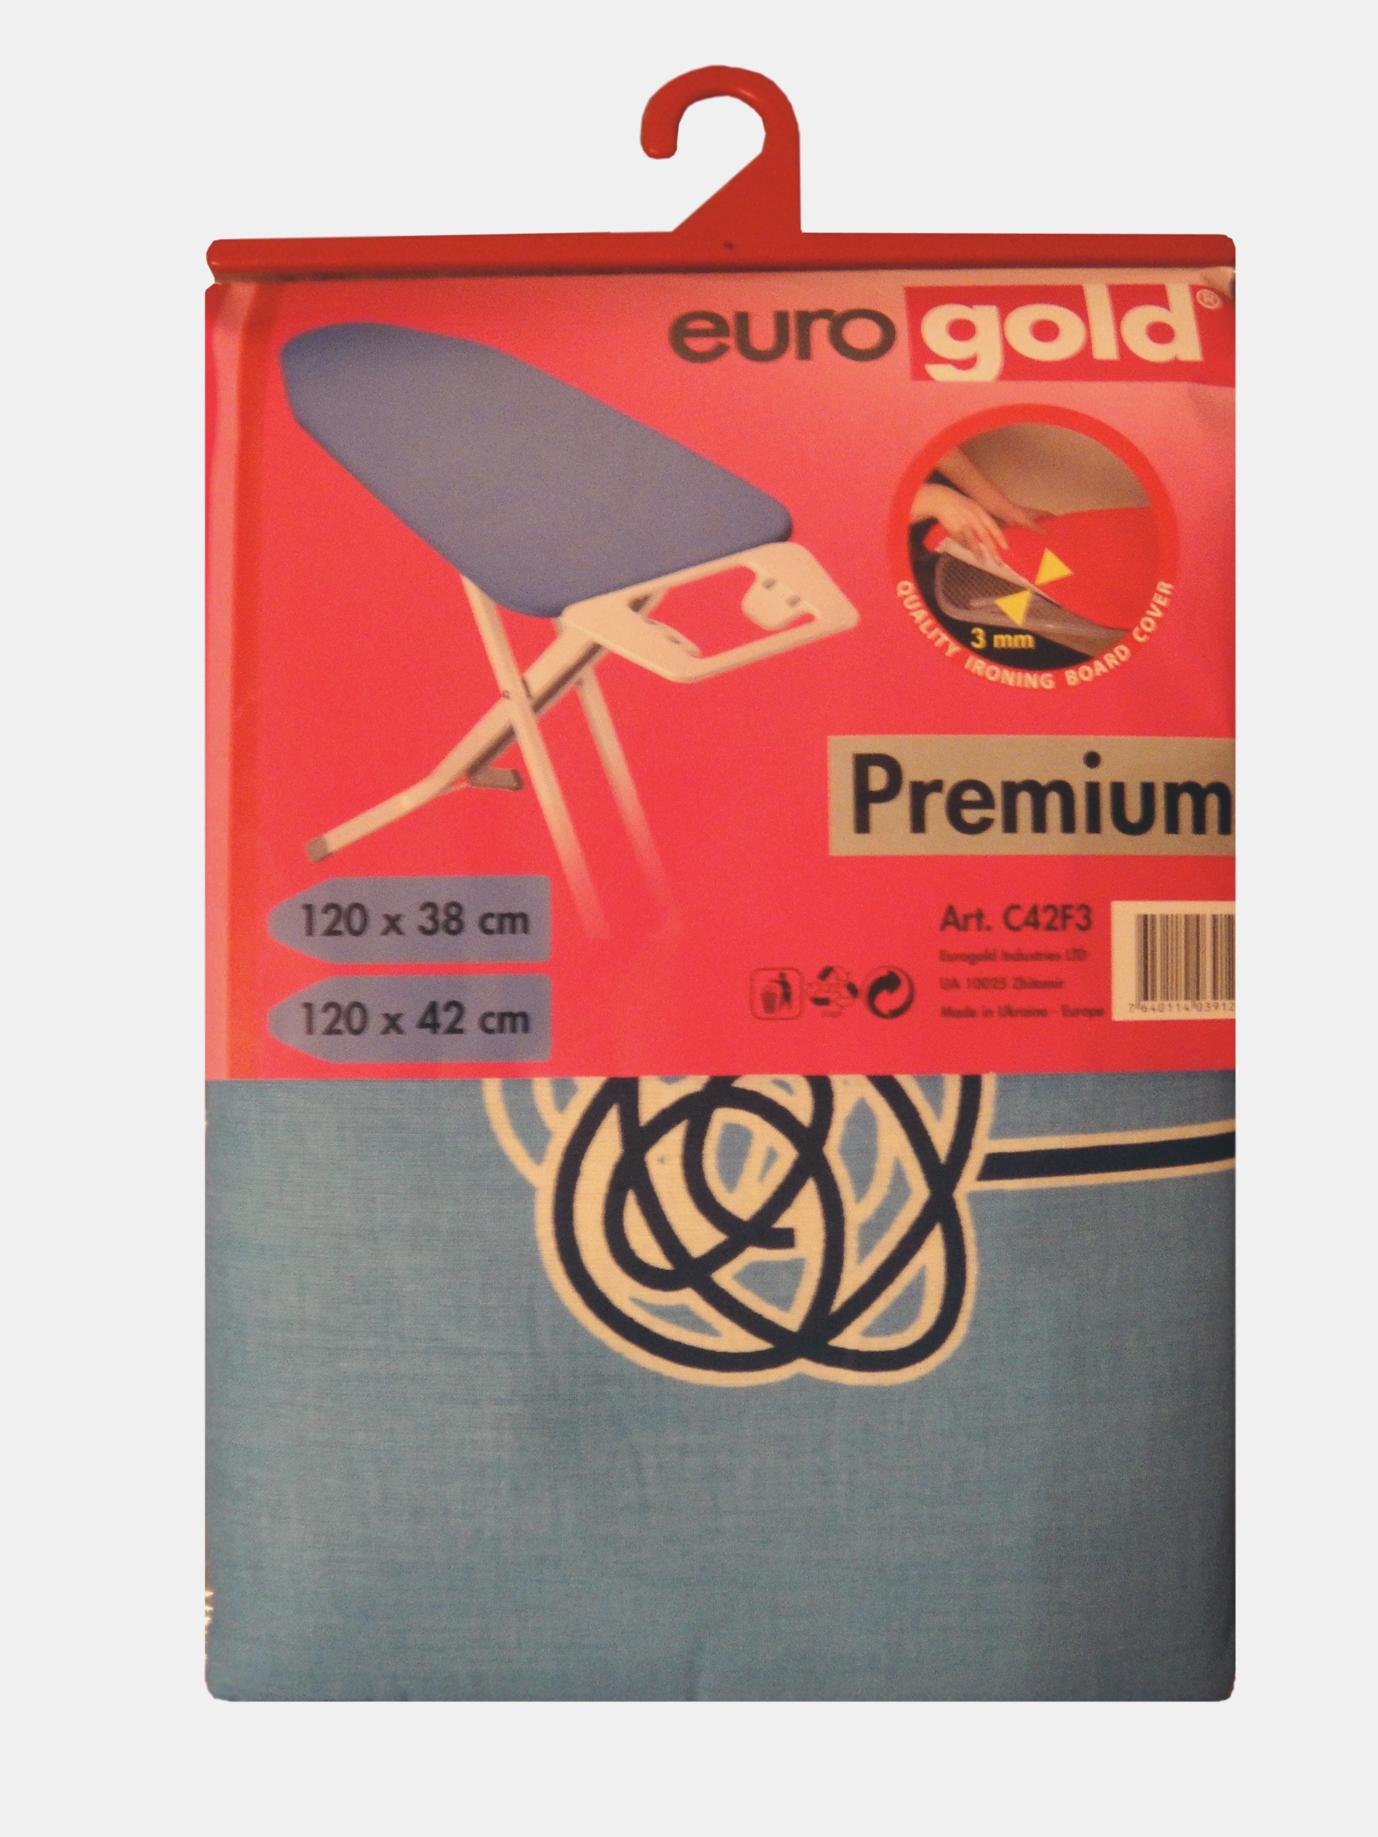 Чехлы и принадлежности Eurogold Real Brand Technics 284.000